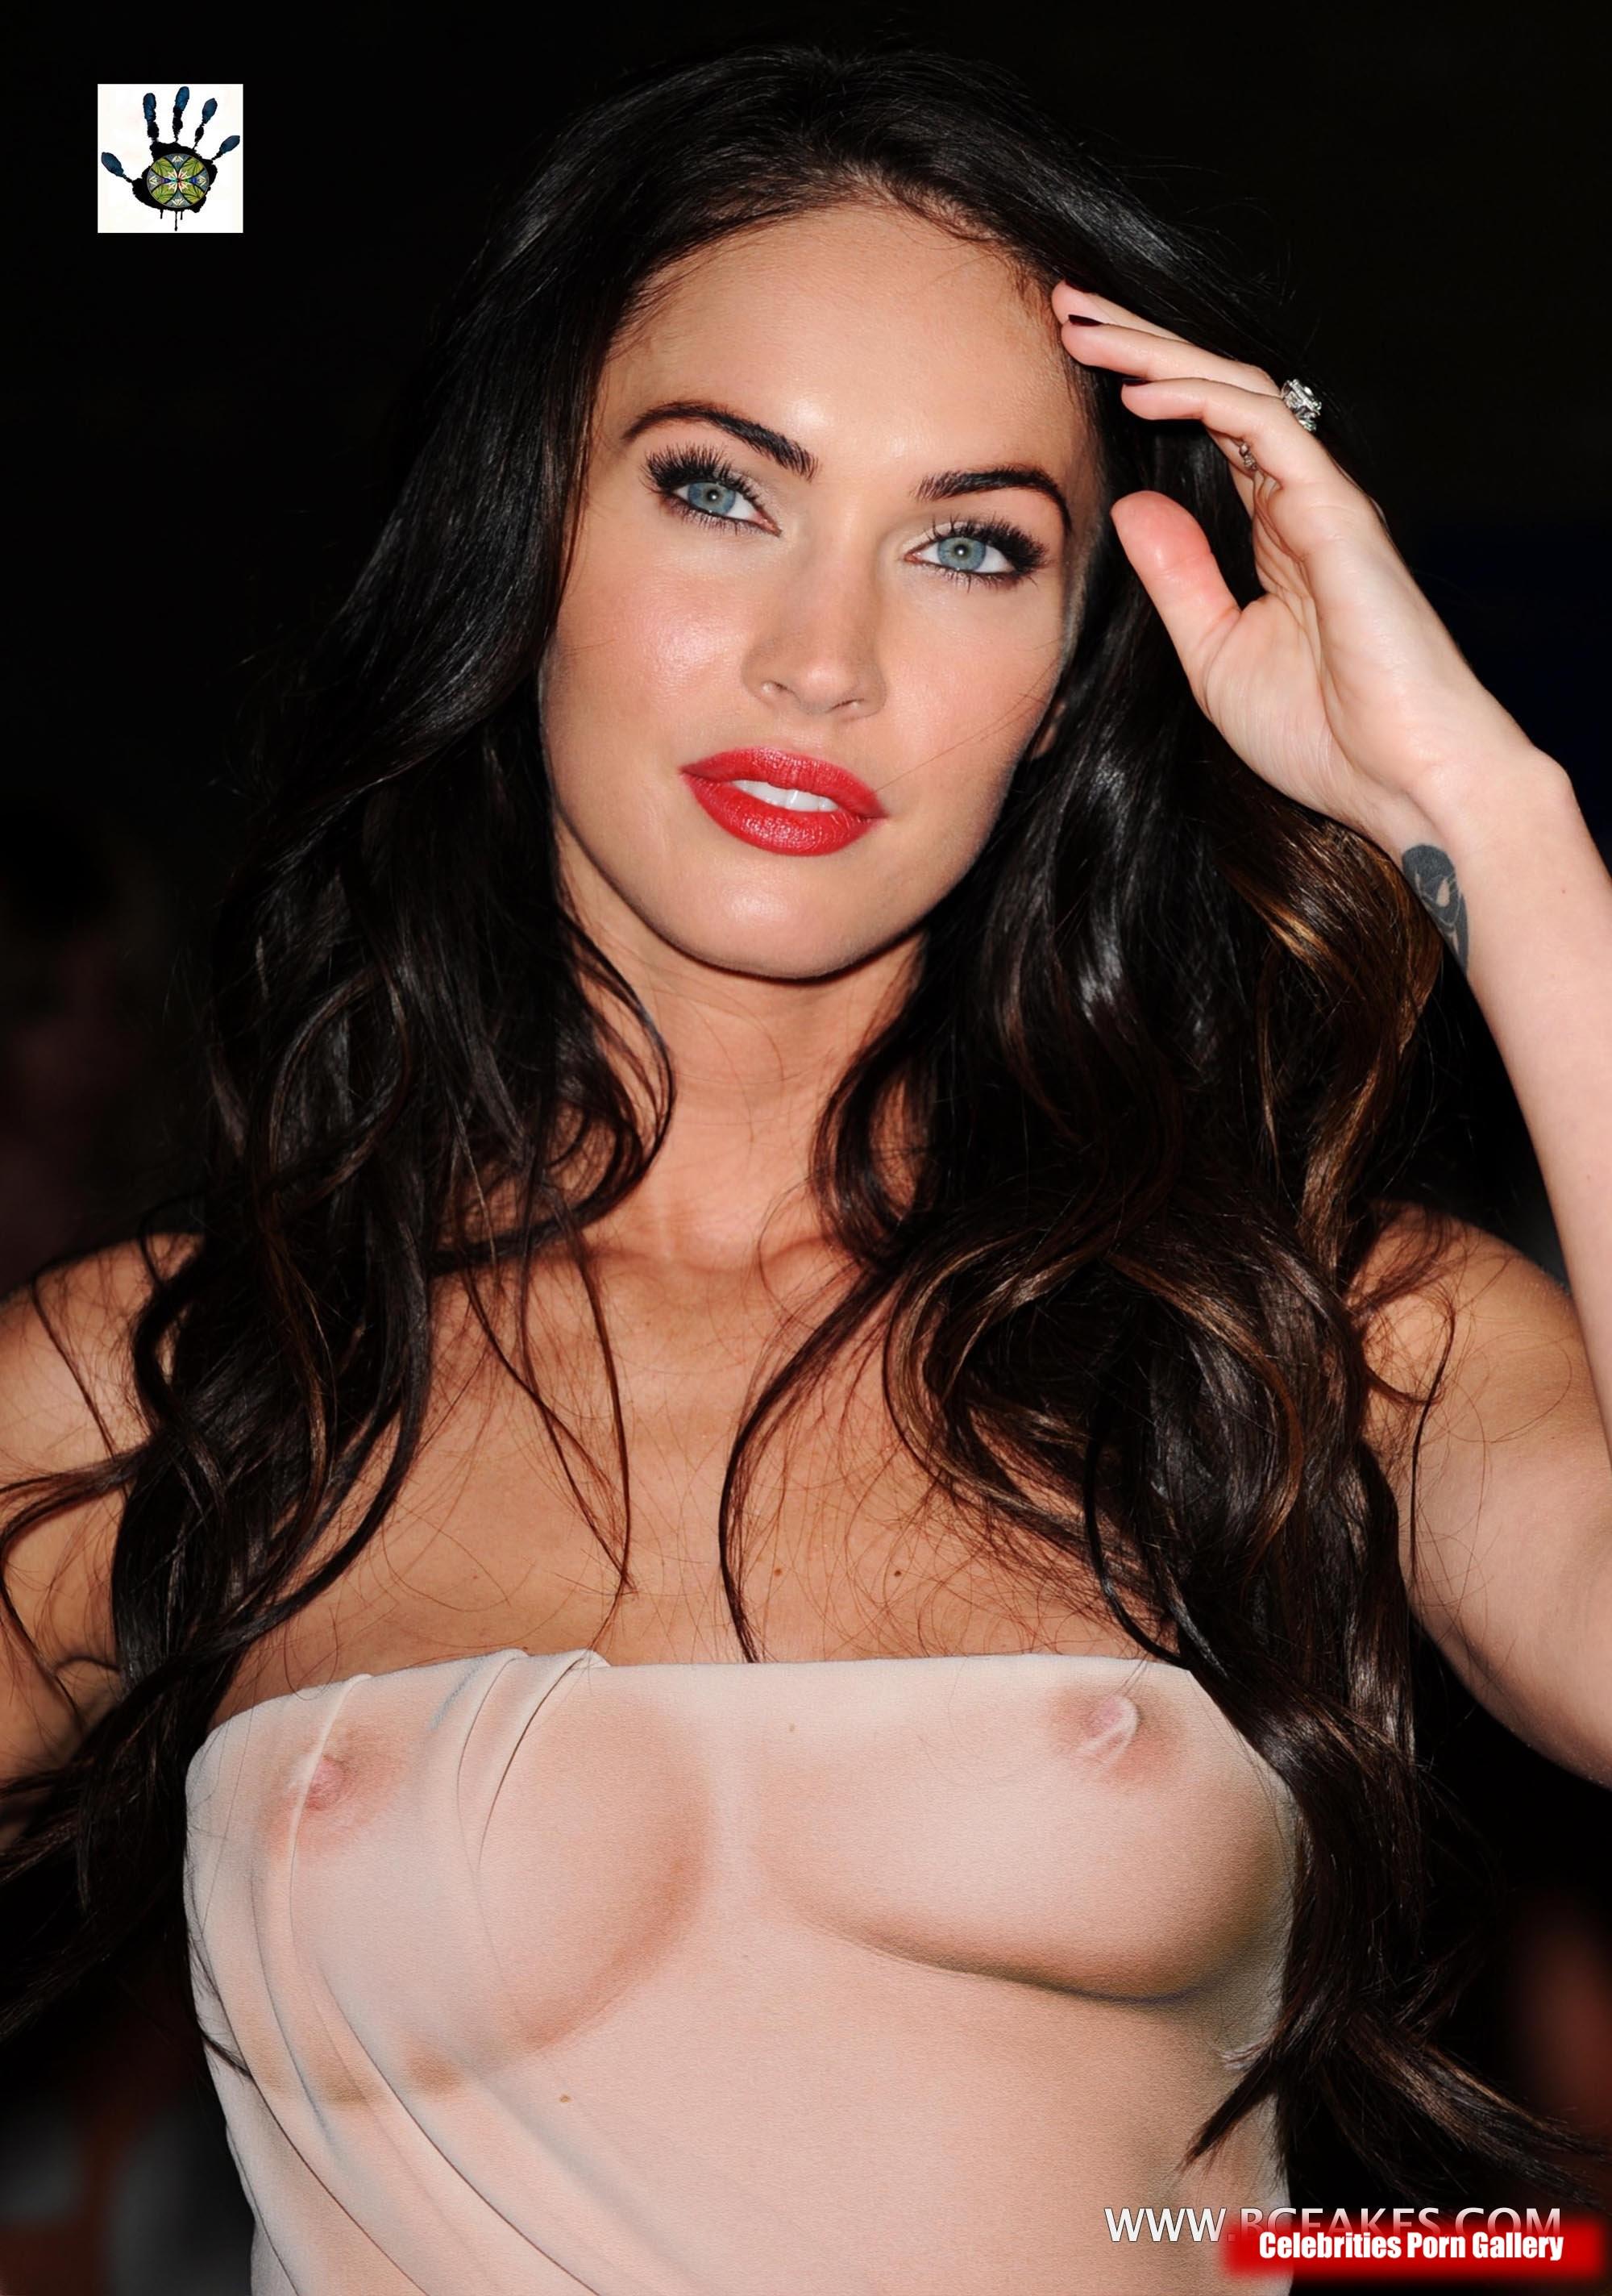 Megan Fox Responds To Nude Hacking Scandal